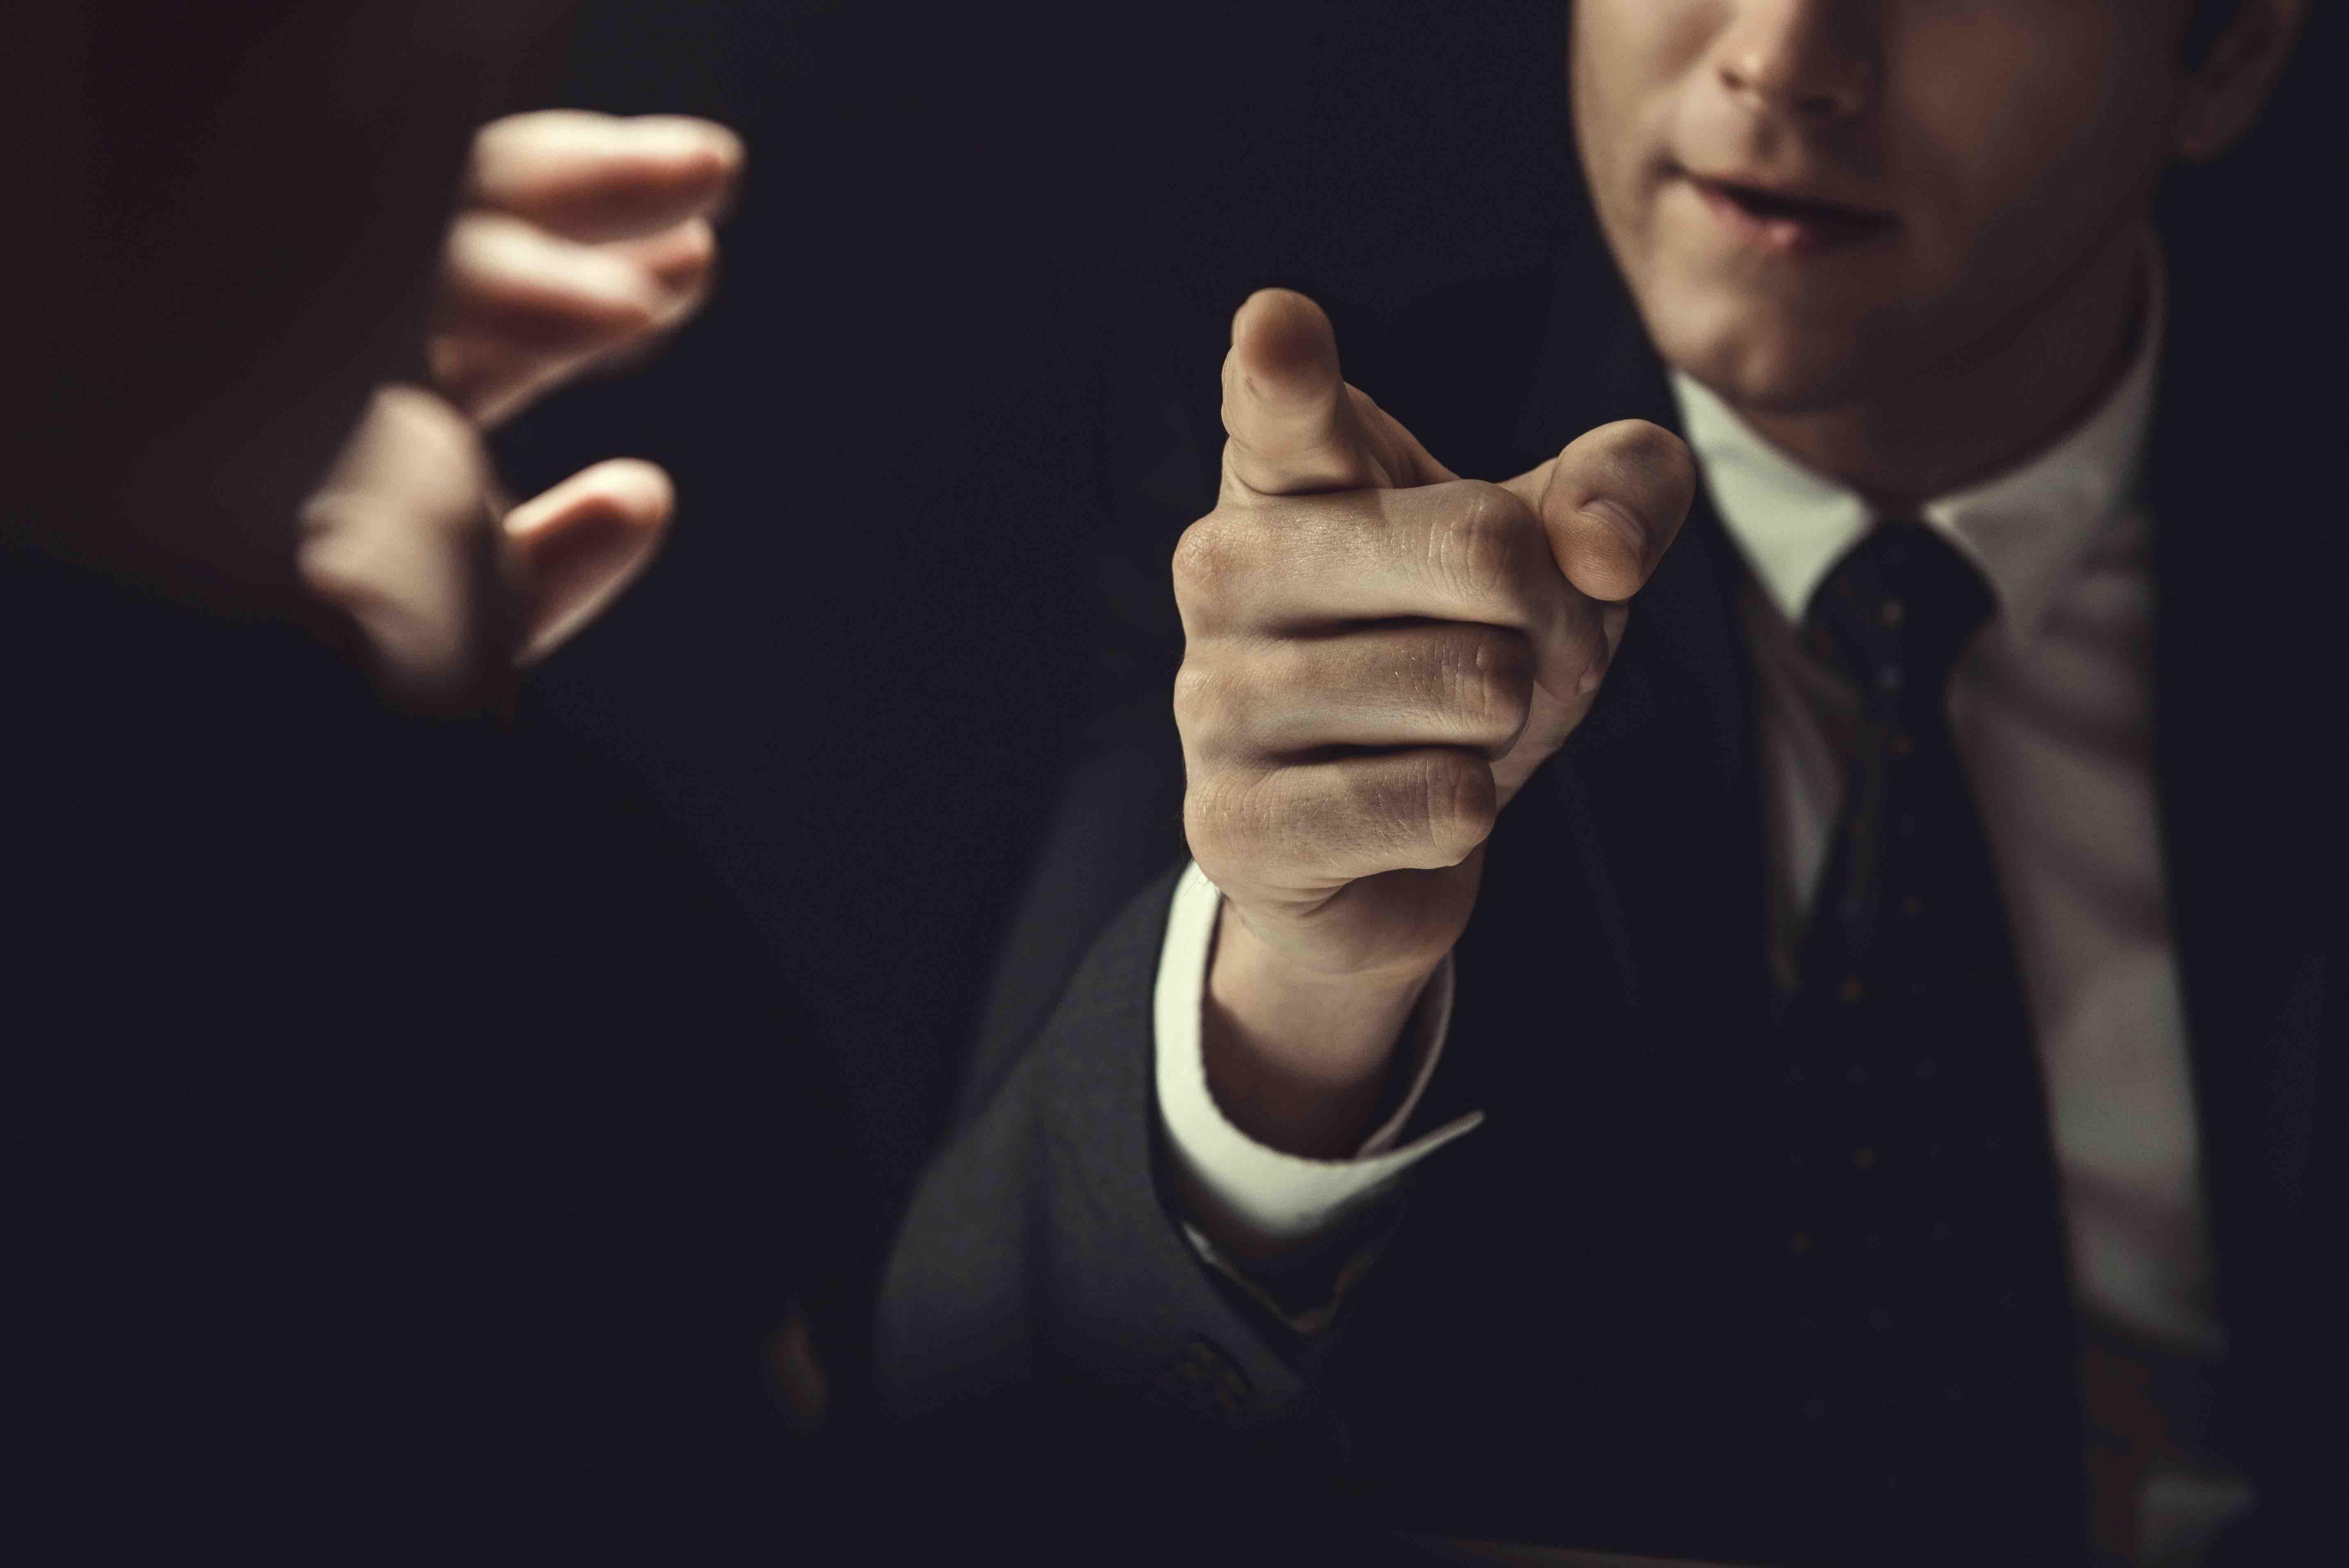 Vorwürfe und Schuldzuweisungen im alltäglichen Dialog?